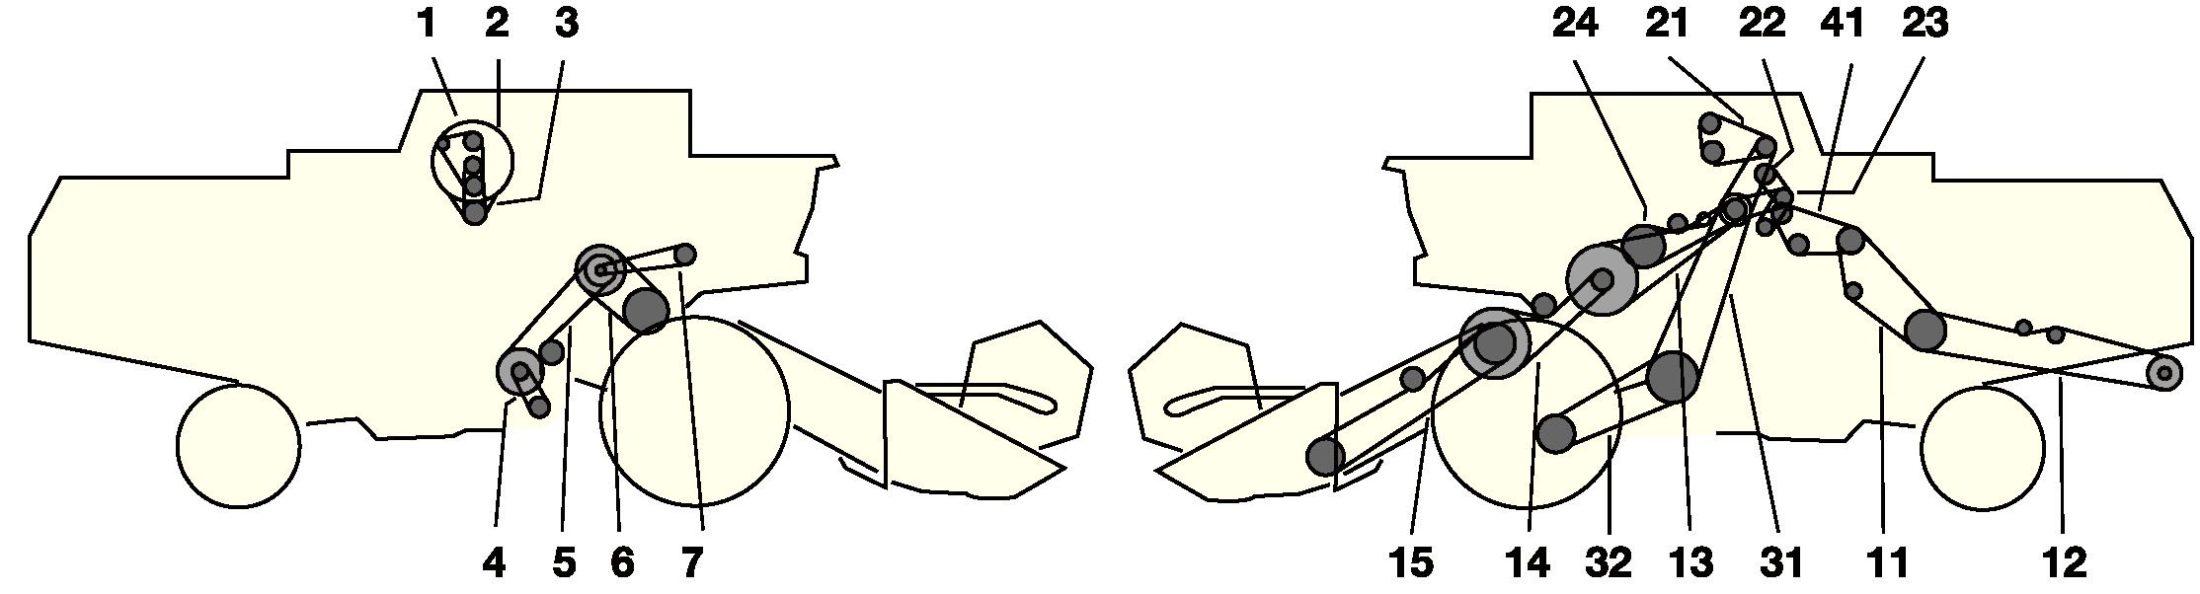 Елементи приводу комбайна Jone Deere 1068